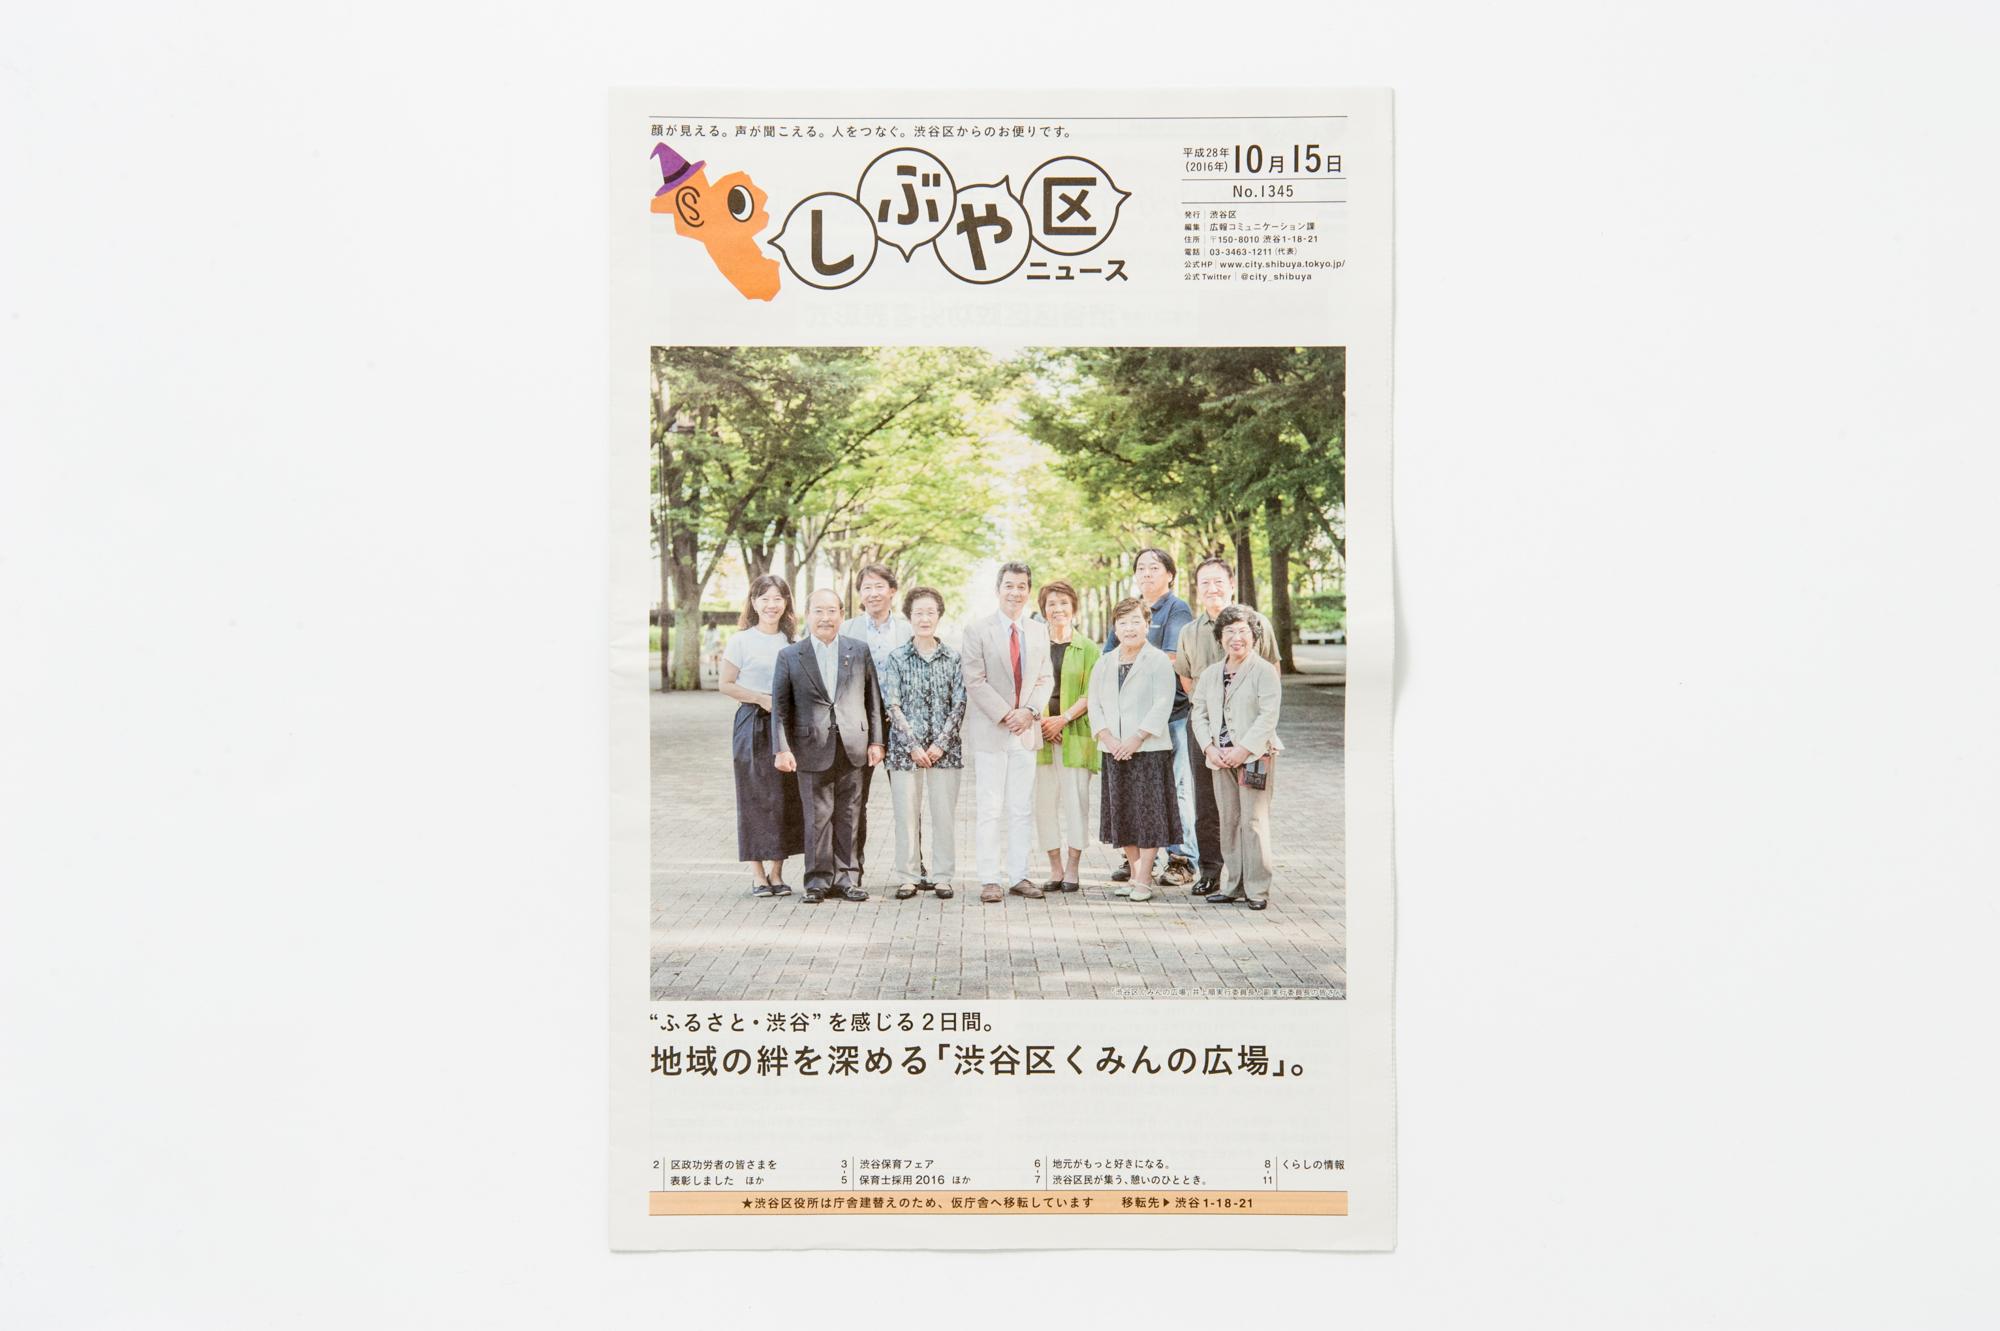 しぶや区ニュース10月15日  2016 photo:TADA